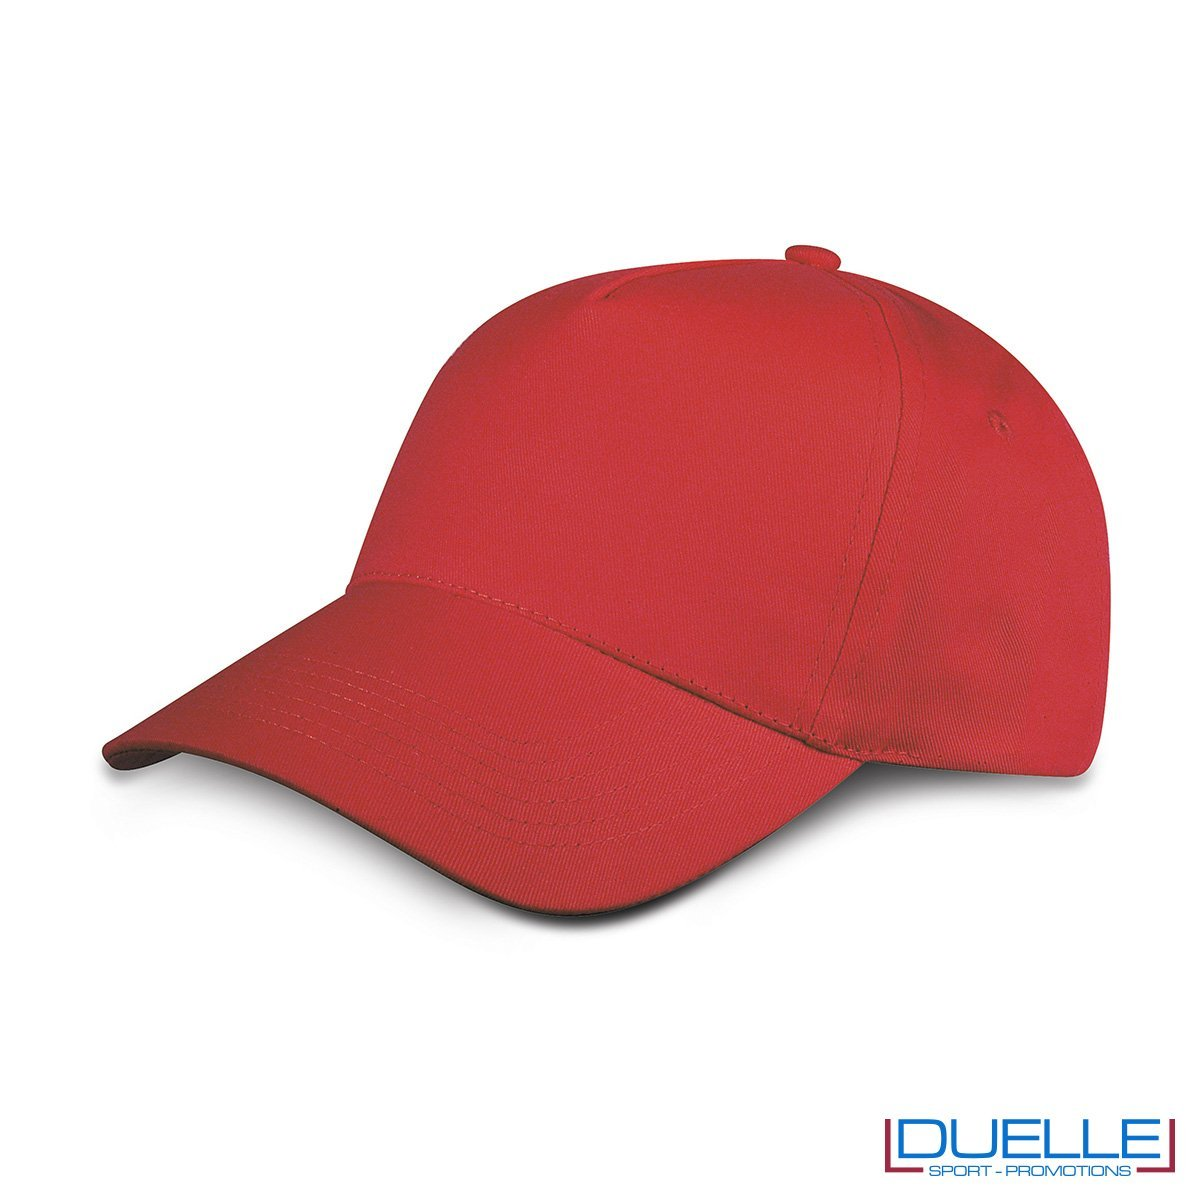 cappellino personalizzato golf a 5 pannelli colore bordeaux